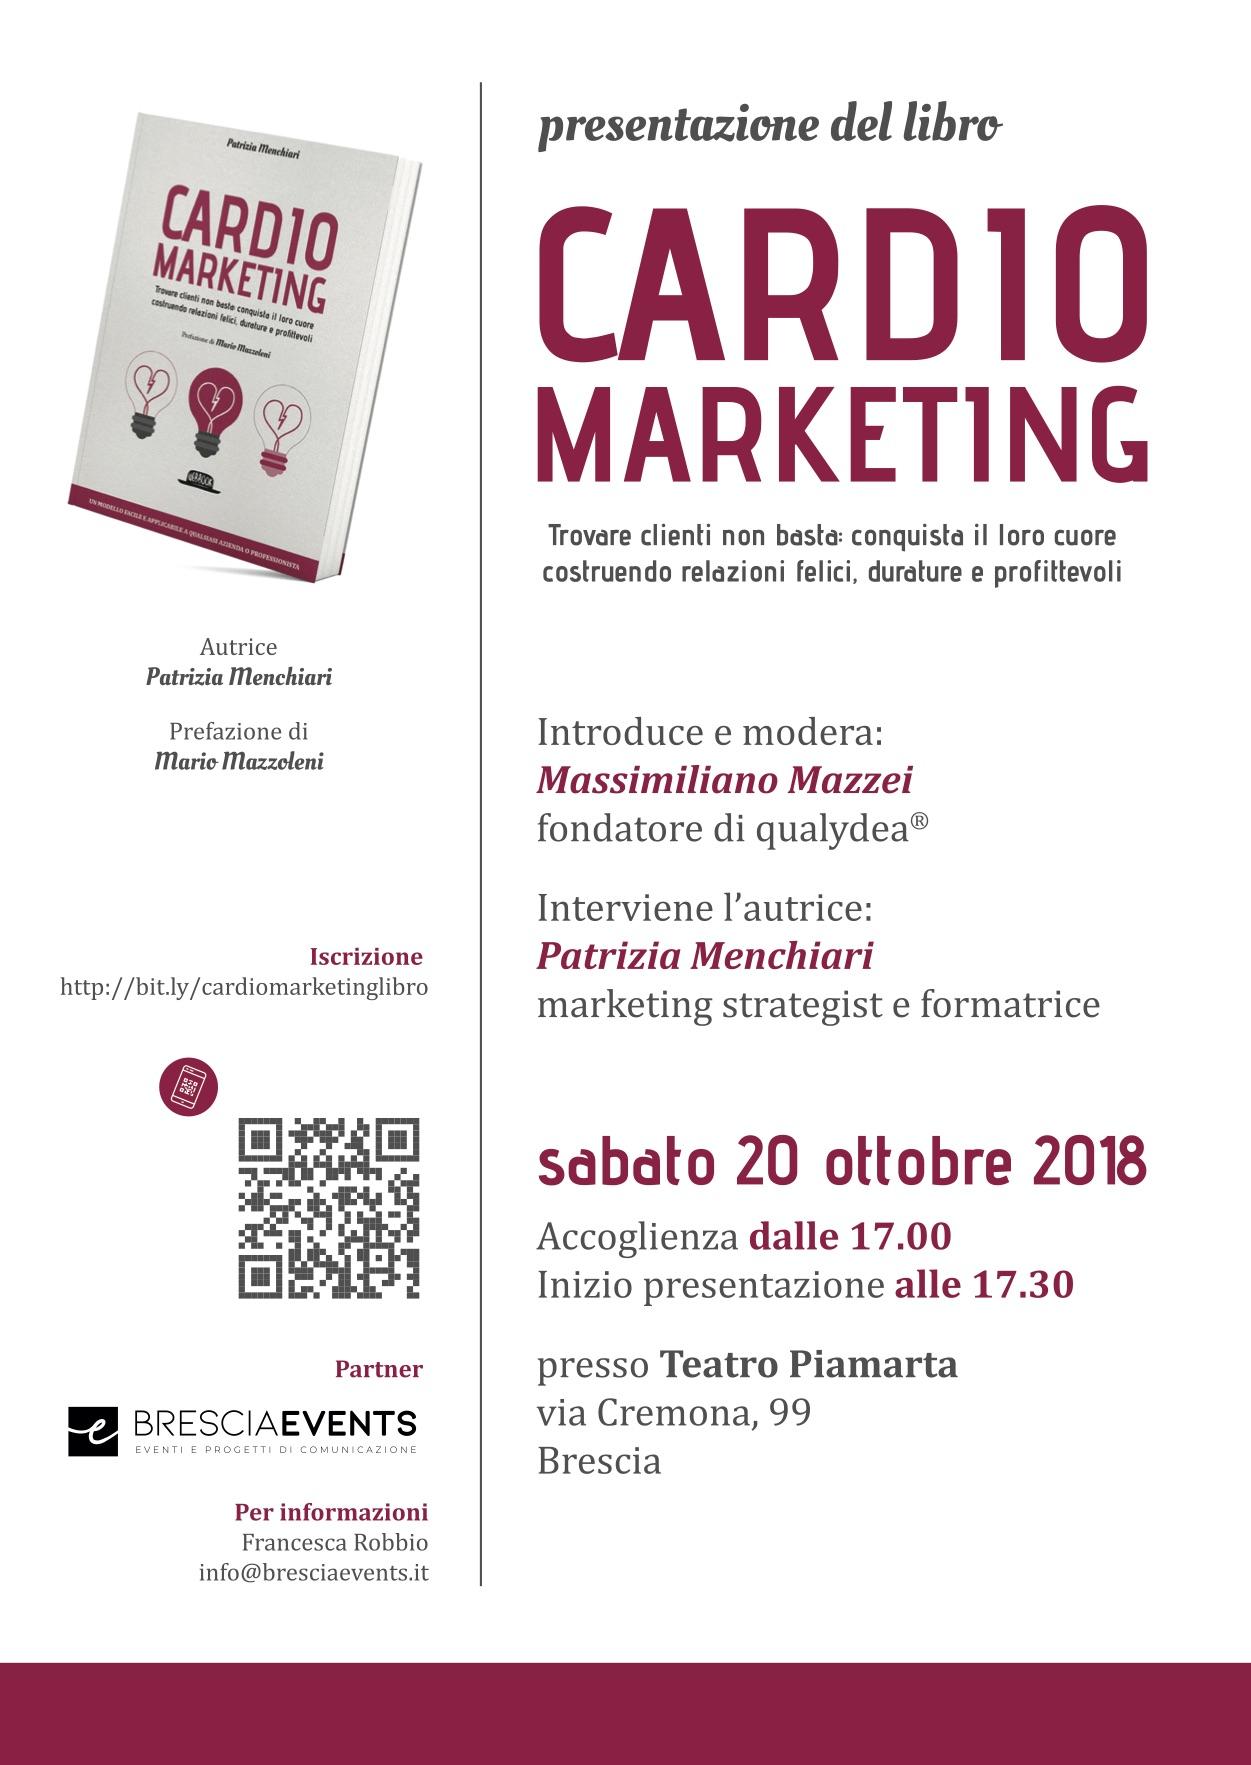 Presentazione libro CardioMarketing 20 ottobre 2018